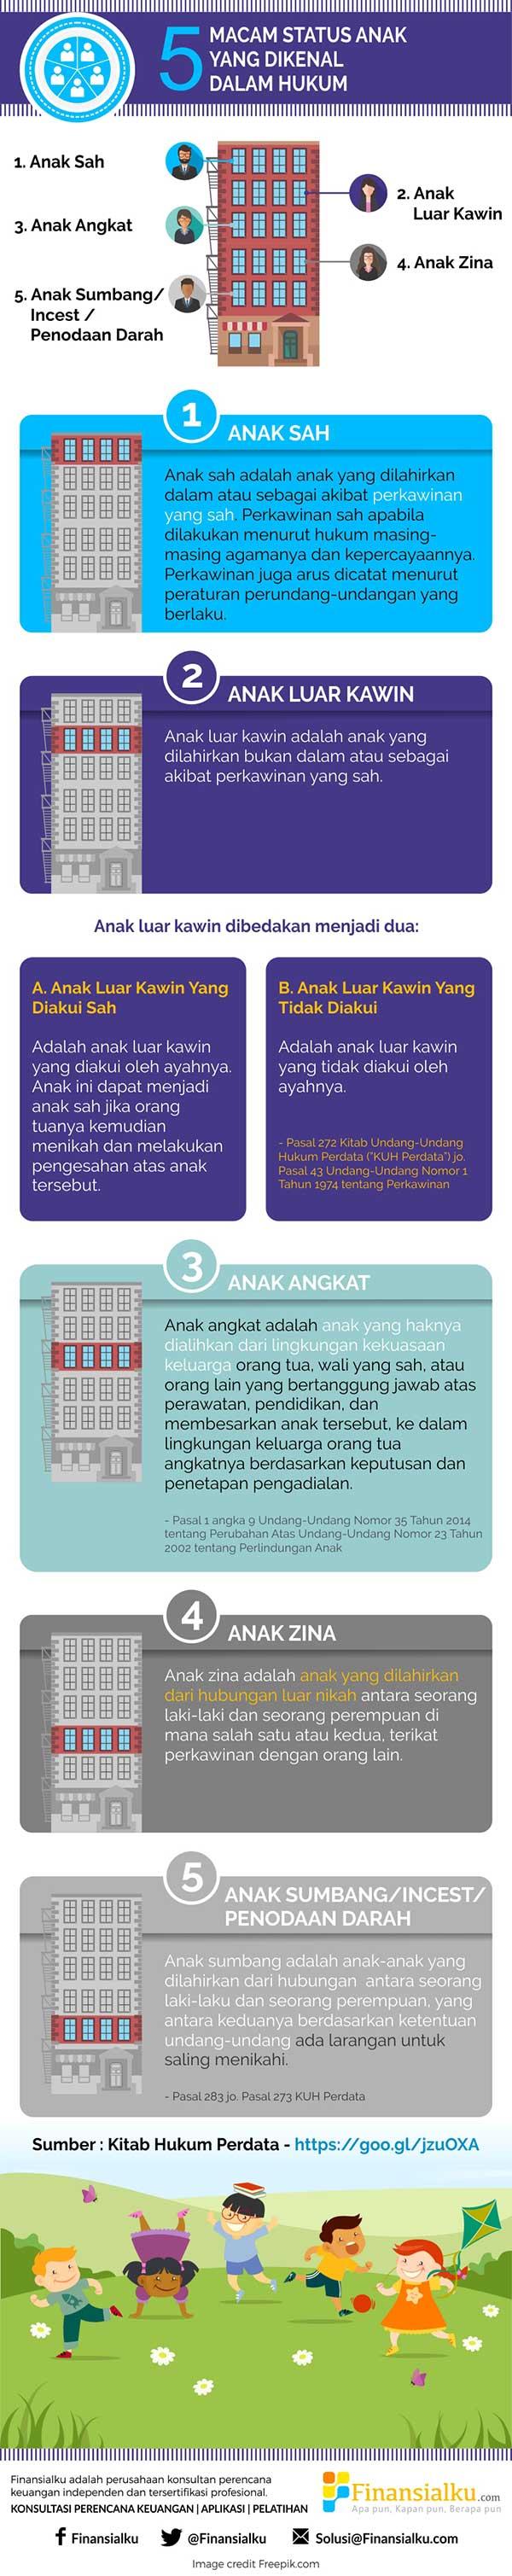 5-jenis-anak-di-indonesia-menurut-uu-dan-hak-warisnya-infografik-finansialku